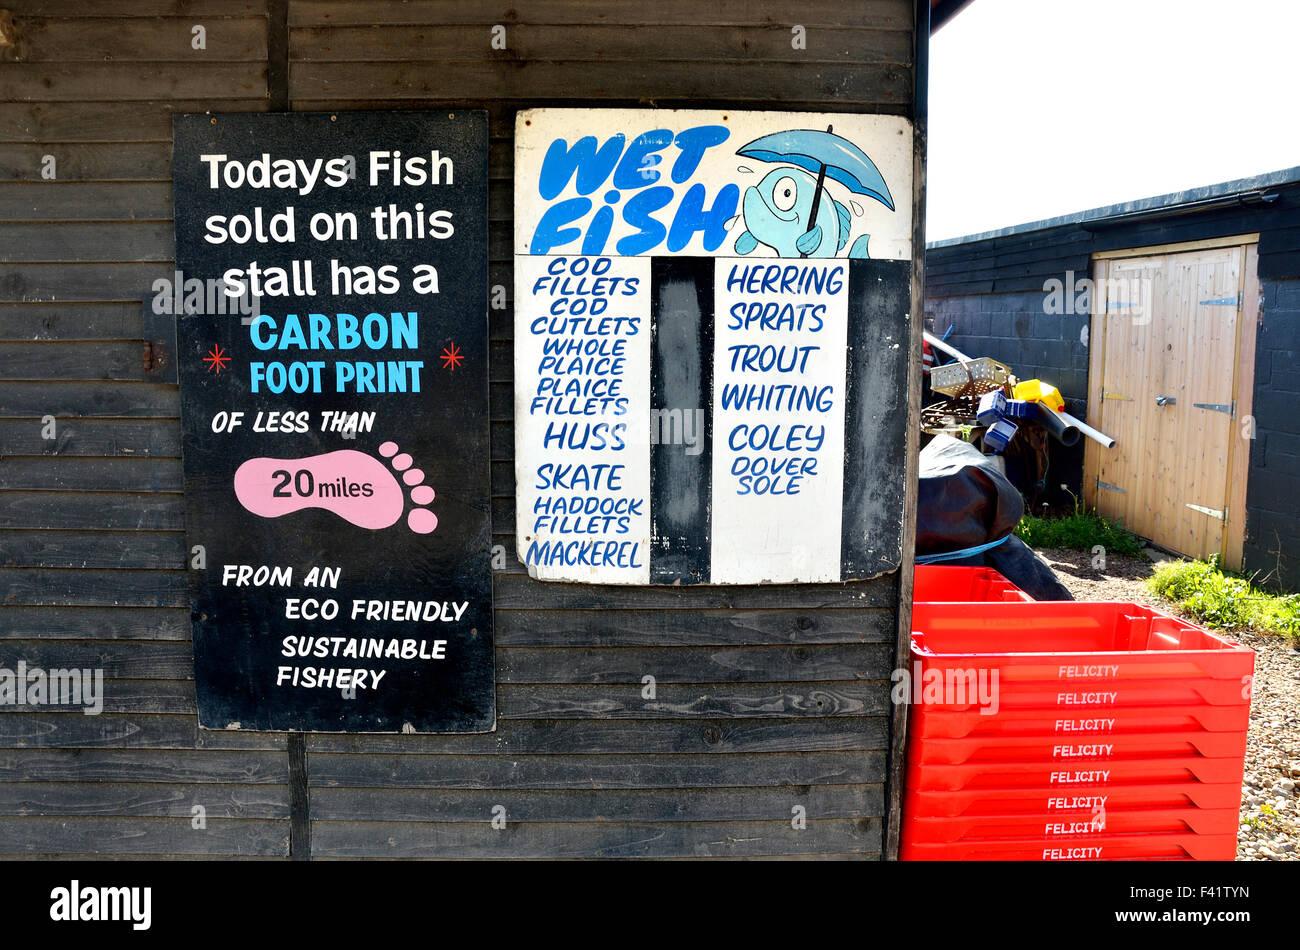 Hastings, East Sussex, Inglaterra, Reino Unido. Descarga de pescado fresco en la playa con una baja huella de carbono Imagen De Stock